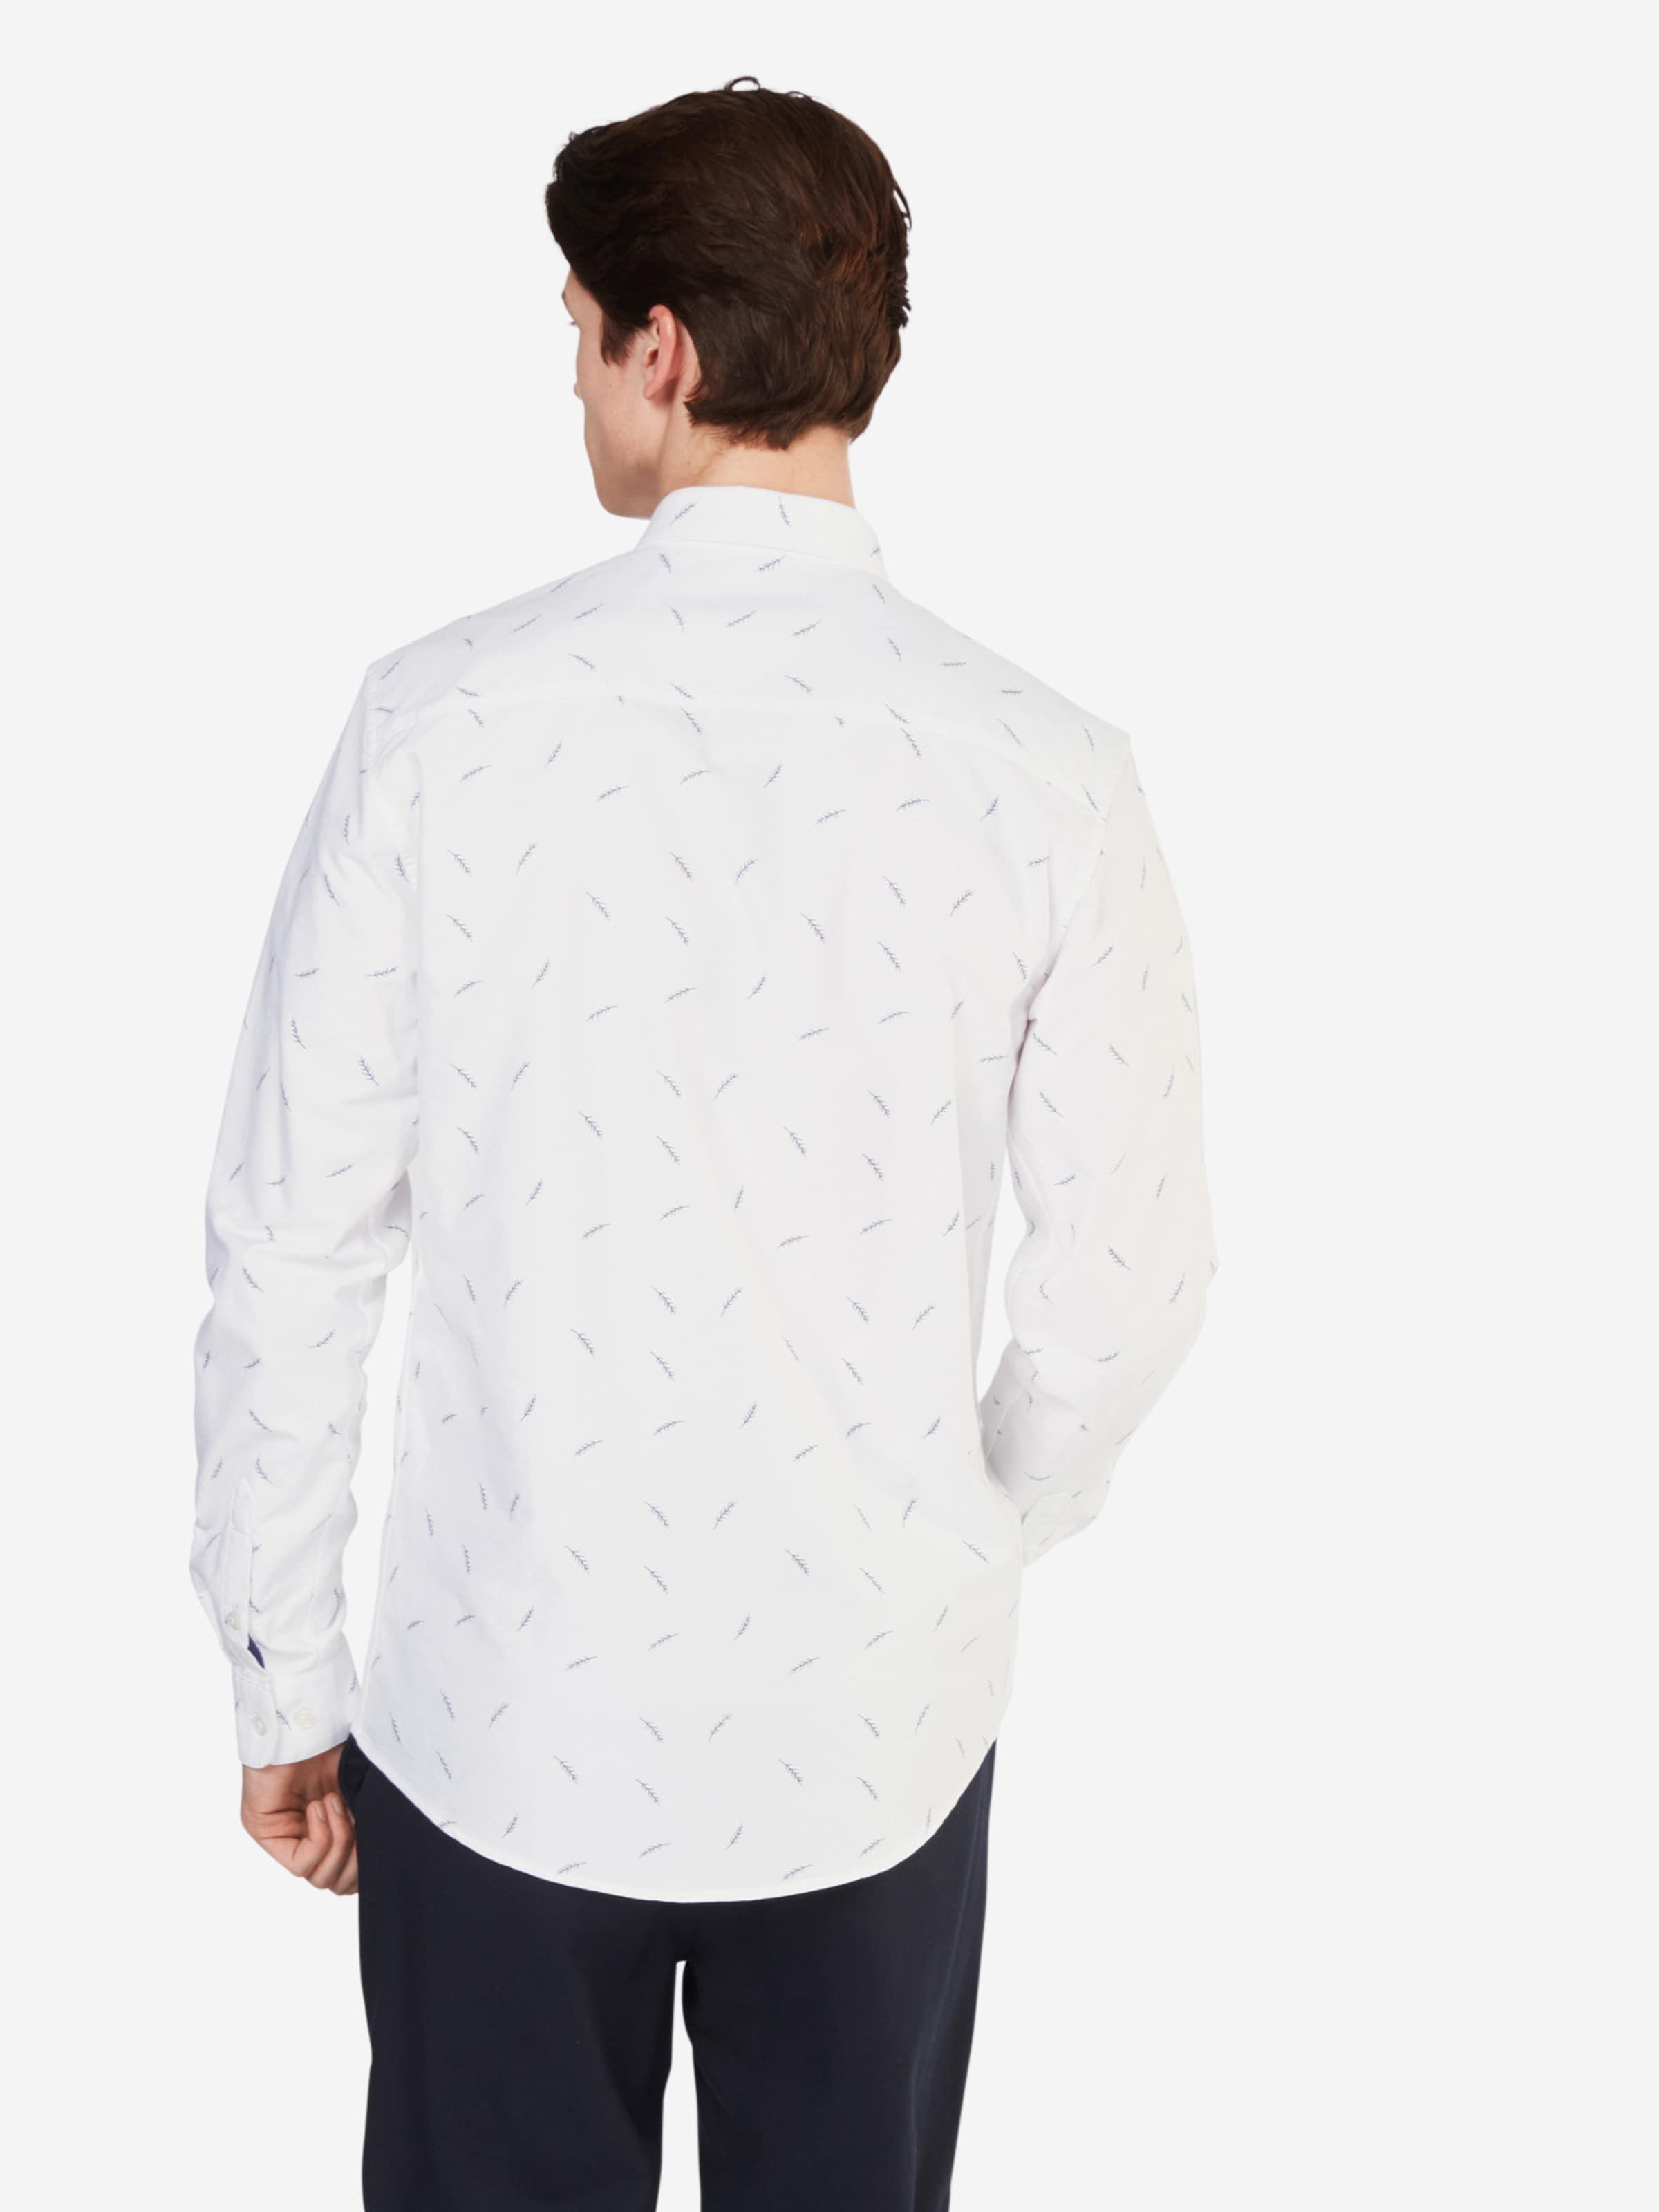 minimum Hemd mit Print 'Marley long sleeved' Freiheit In Deutschland Extrem Zum Verkauf Bester Preis Auslass Erstaunlicher Preis Erhalten Günstig Online Kaufen JtQD52jAU